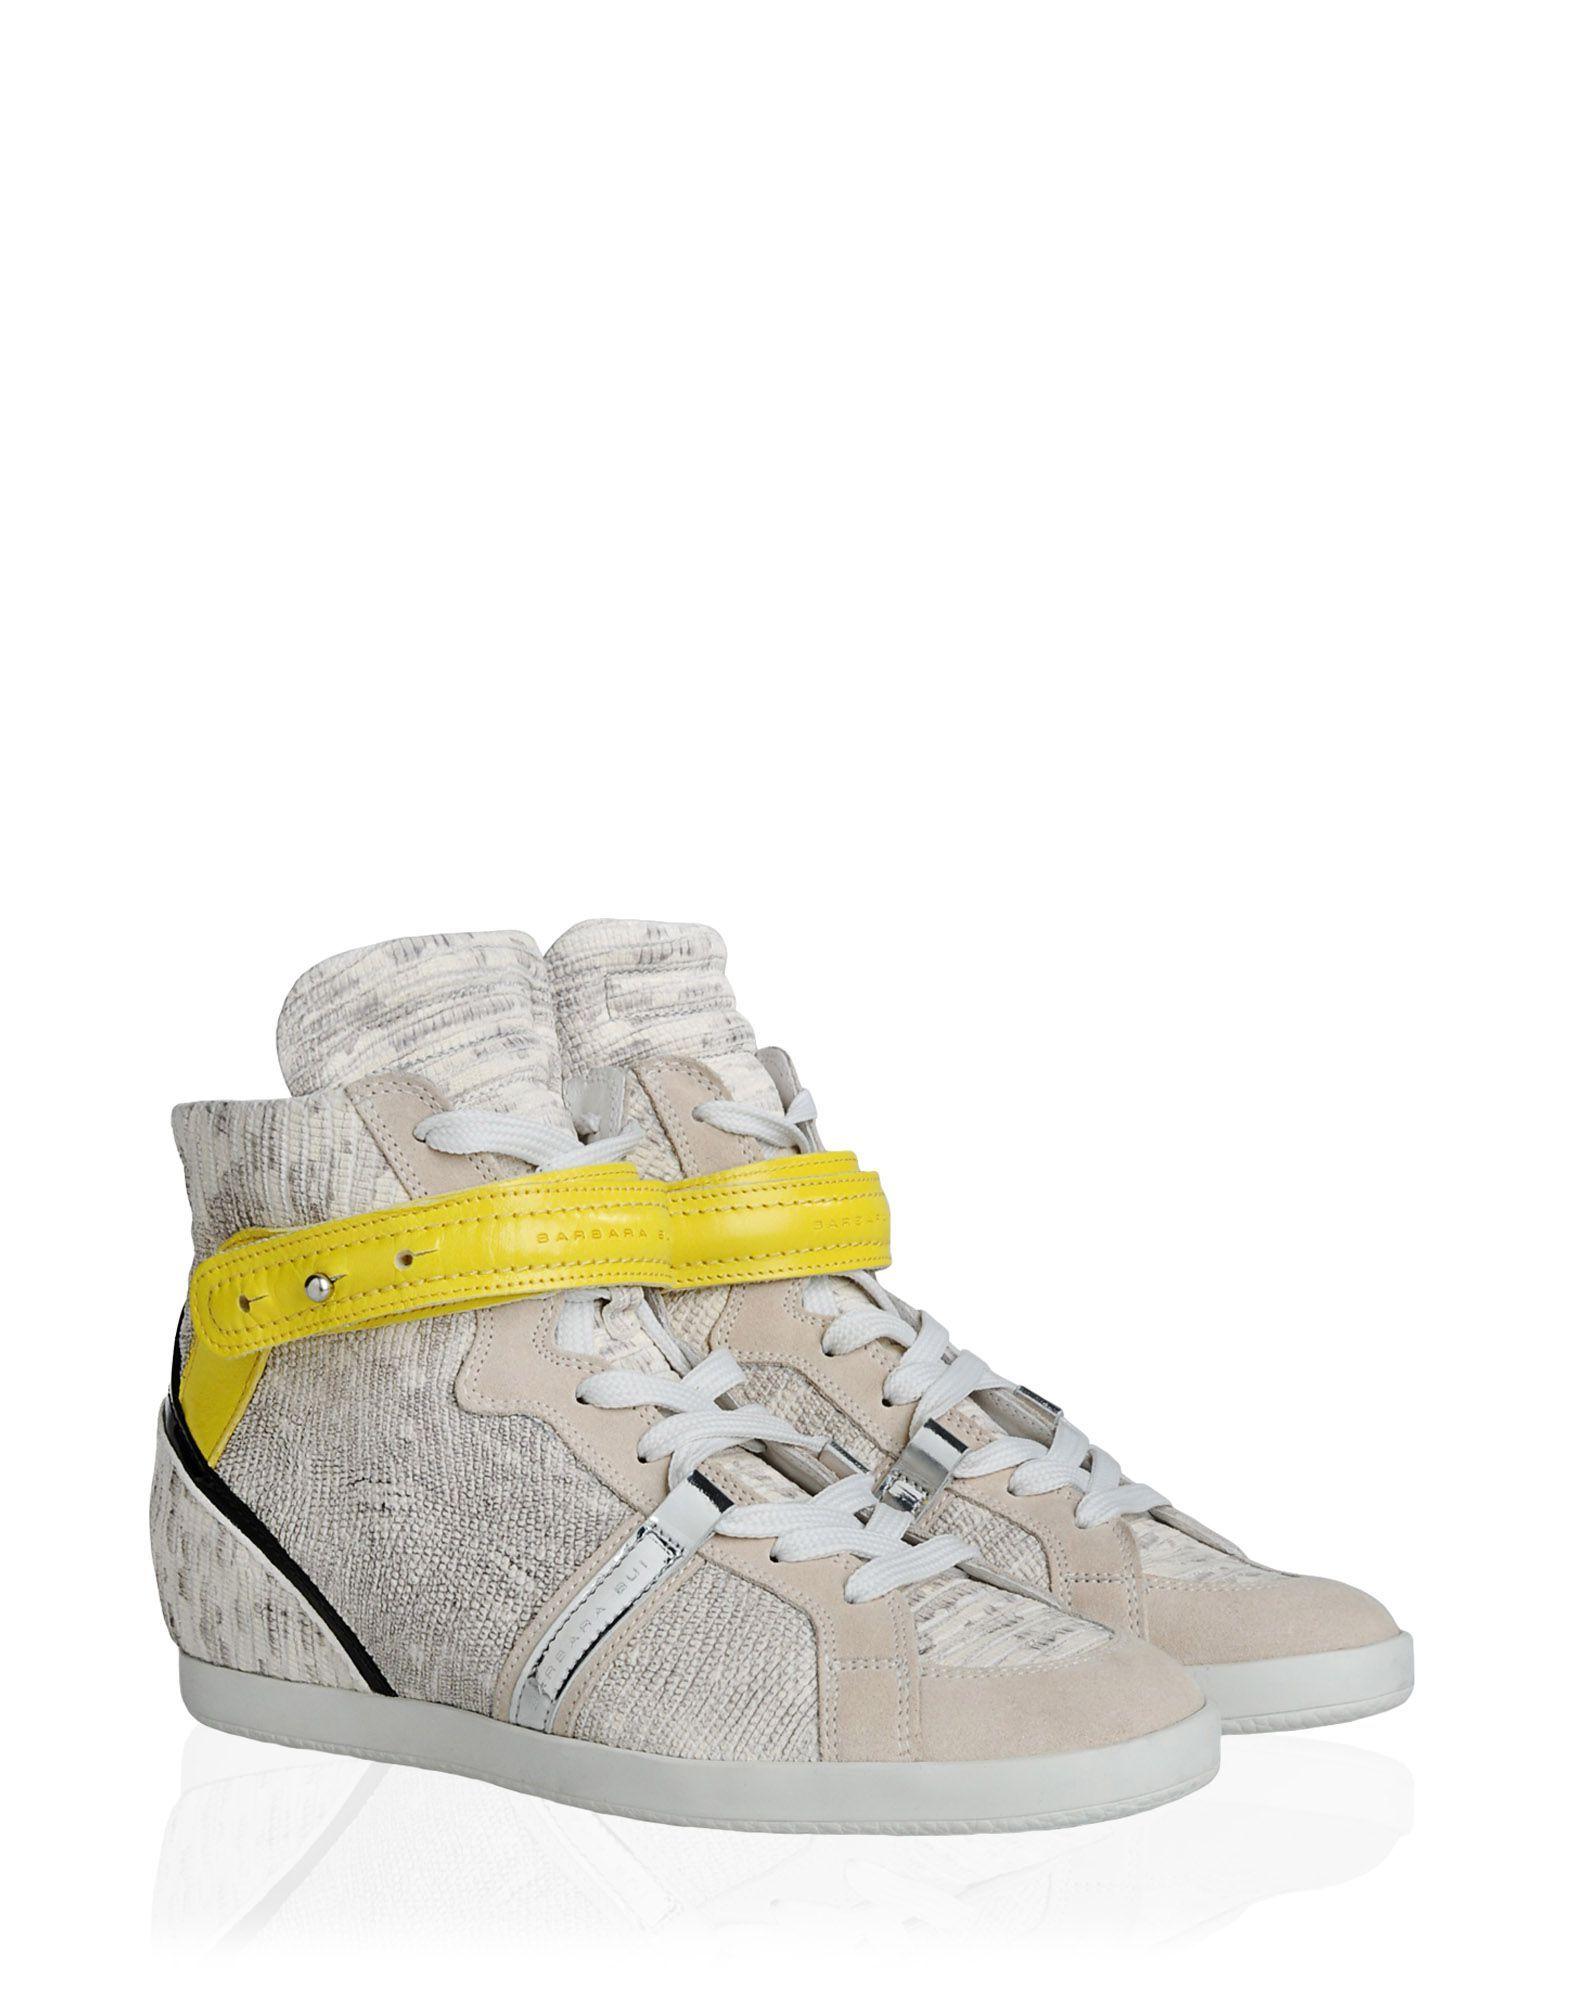 Sneakers femme barbara bui sneakers en cuir façon lézard online